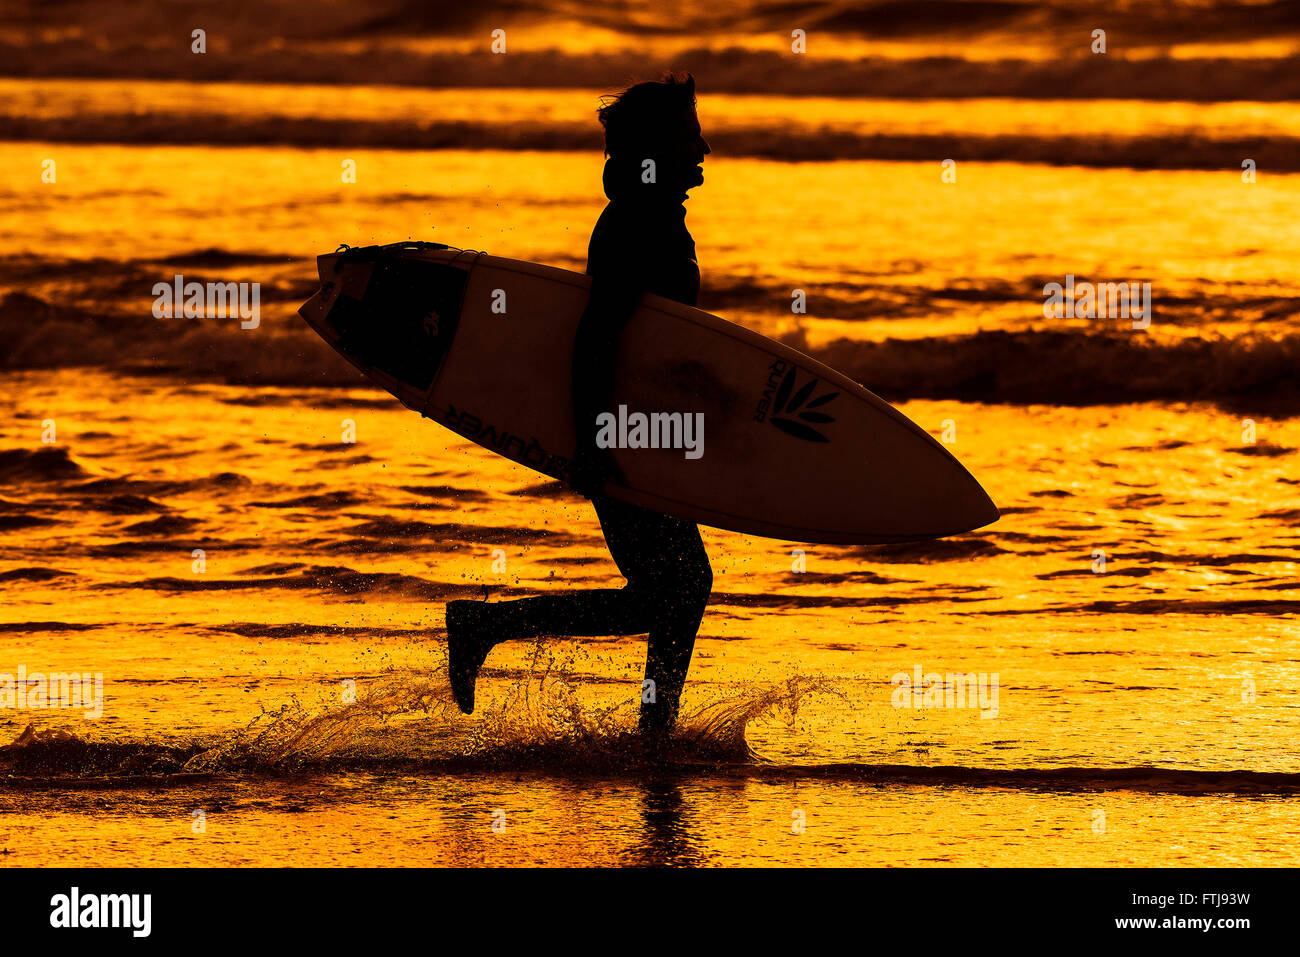 La silueta de un surfista que corre a lo largo de la orilla en la playa Fistral durante un intenso colorido atardecer Imagen De Stock